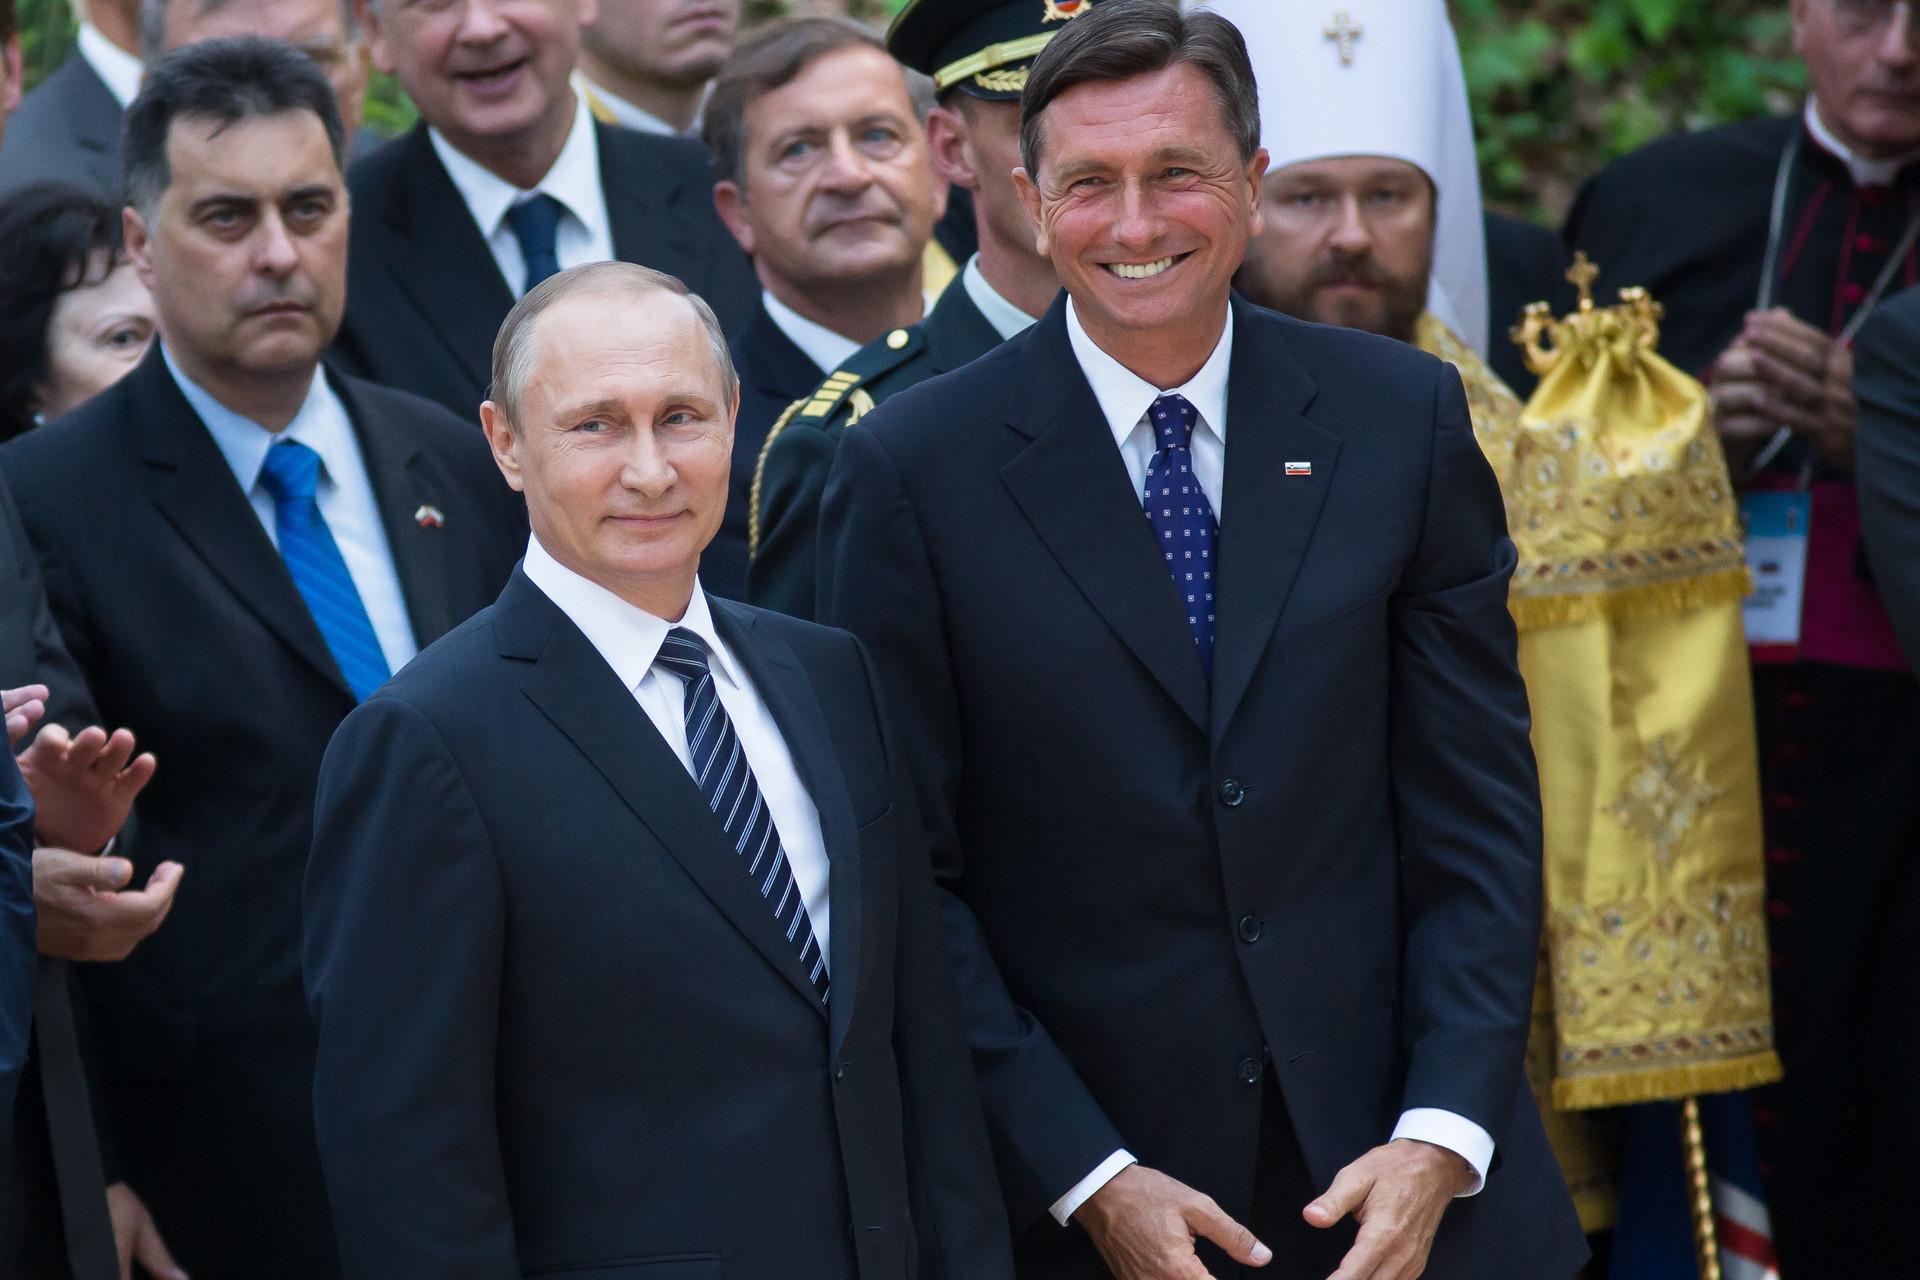 Ruski predsednik Vladimir Putin in slovenski predsednik Borut Pahor ob stoletnici Ruske kapelice leta 2016.